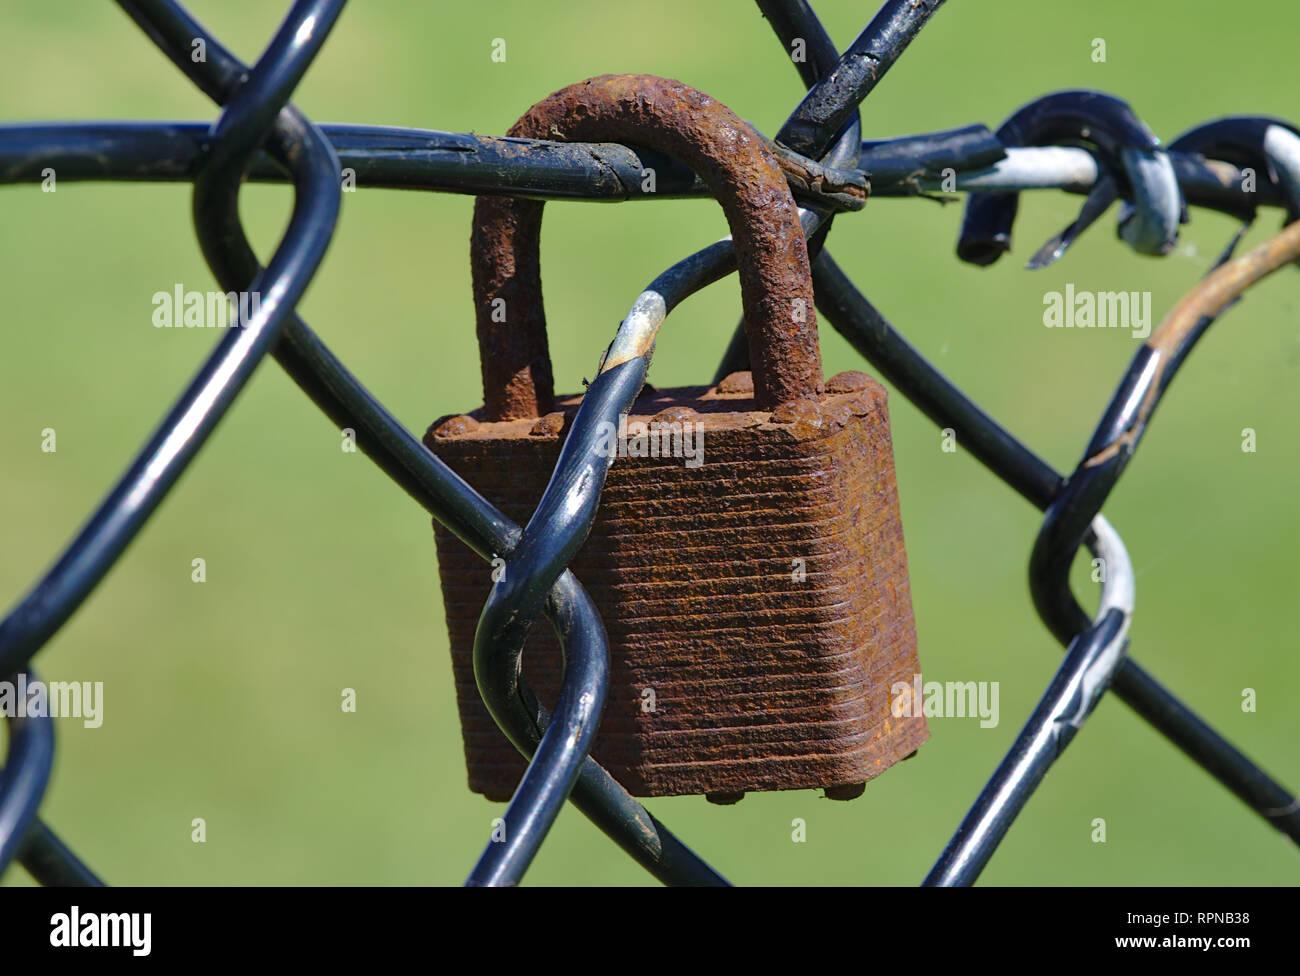 Vieux cadenas corrosif sur wire mesh fence Banque D'Images